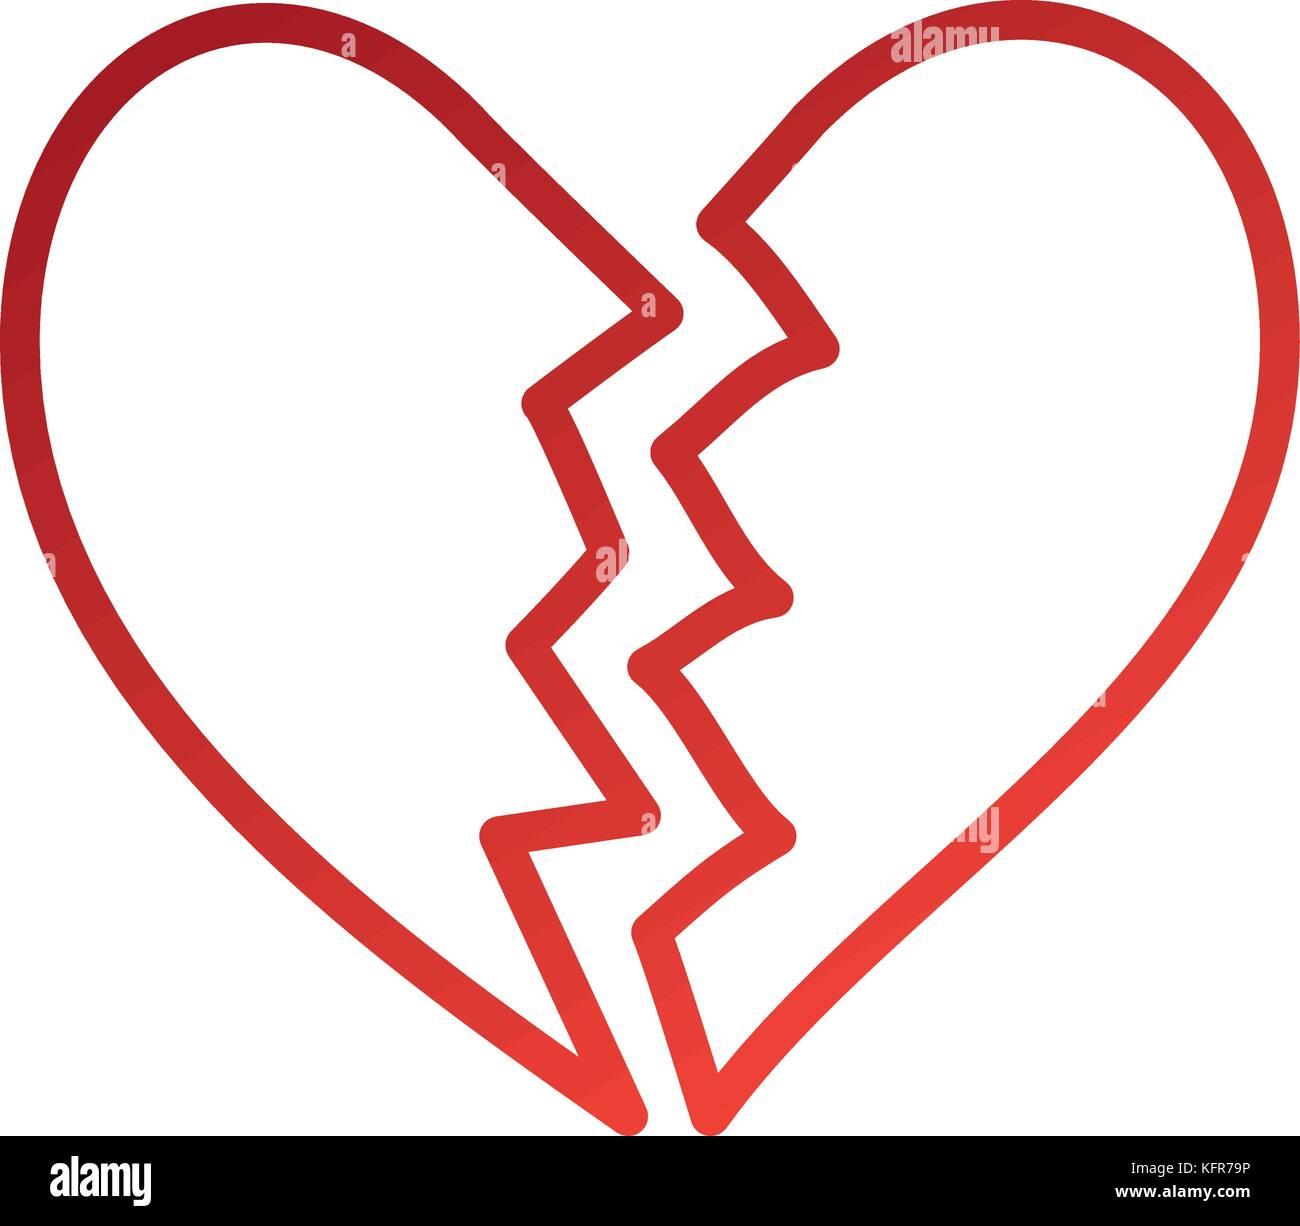 Broken heart icon divorce end of love symbol stock vector art broken heart icon divorce end of love symbol buycottarizona